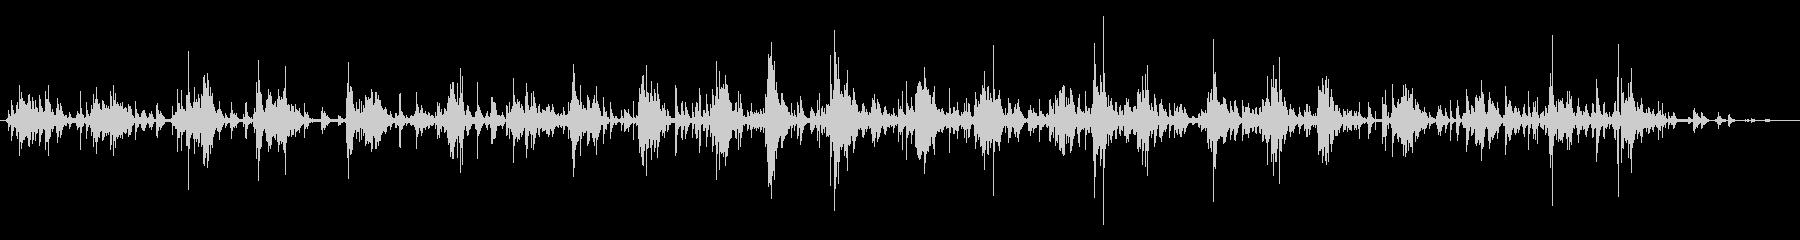 【環境音】水琴窟の音(泉岳寺)の未再生の波形